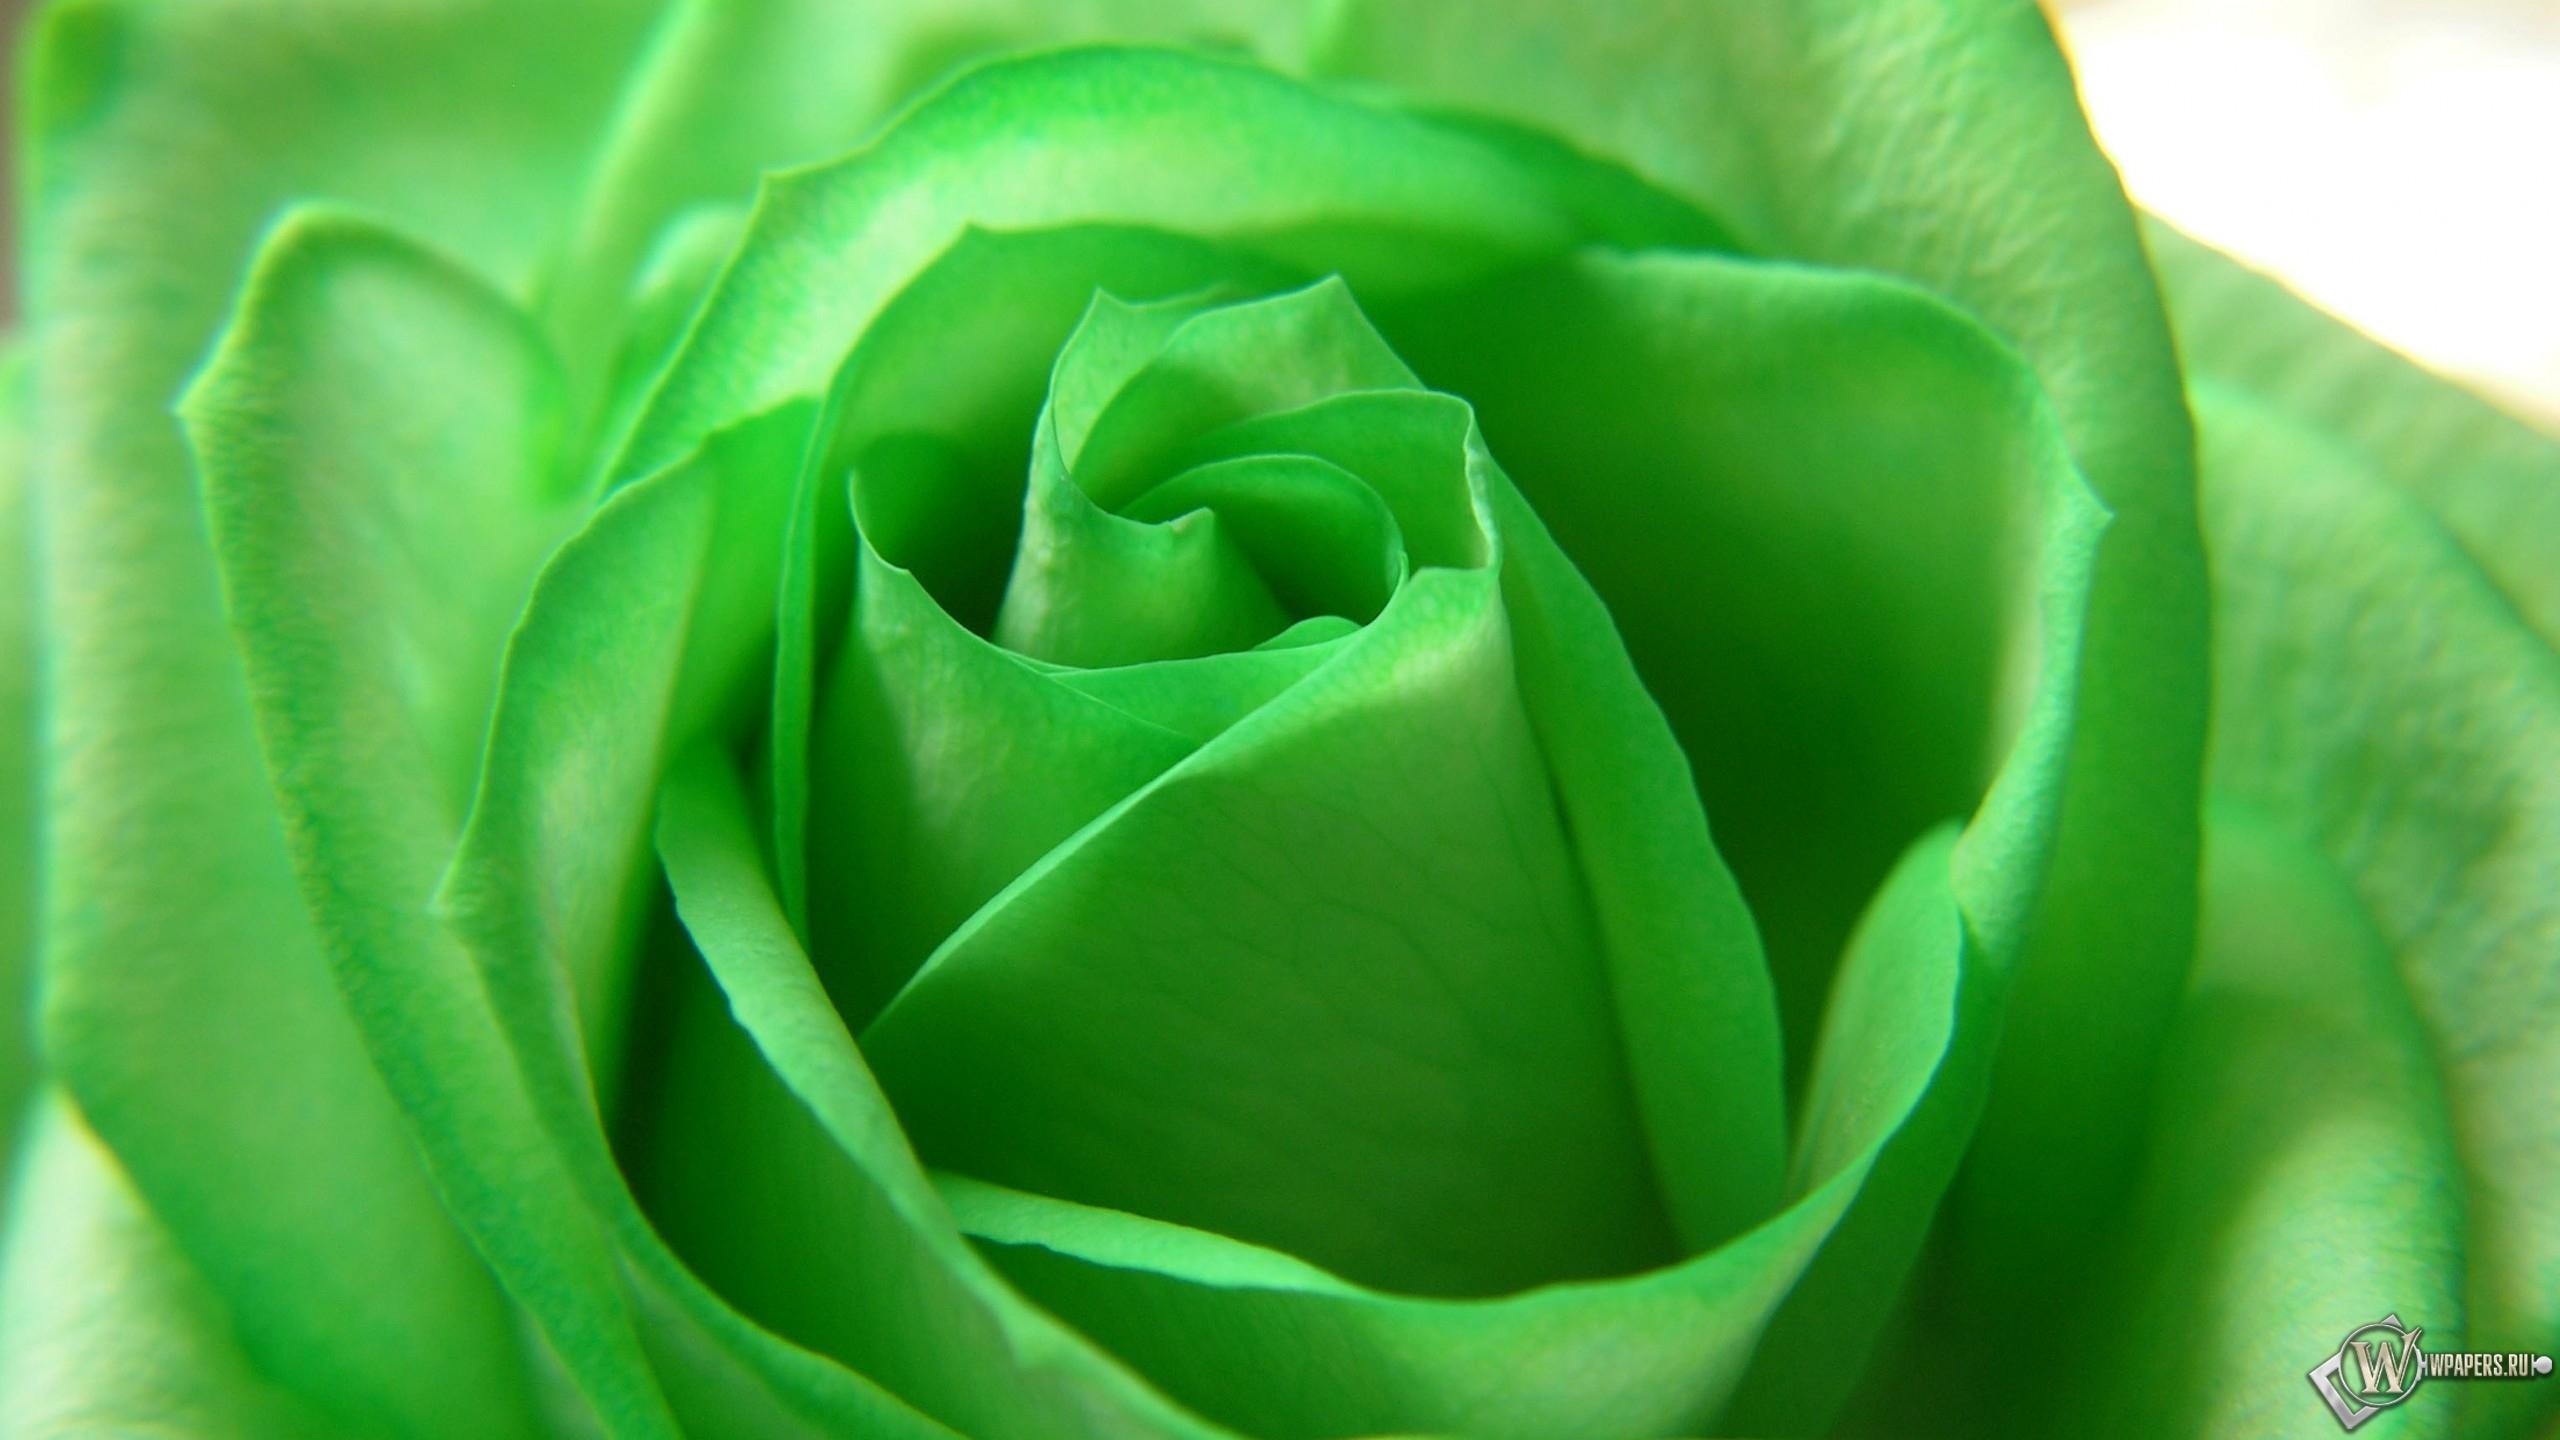 Скачать обои Зелёная роза (Роза, Красота, Лепестки, Зелёный, Цветы ...